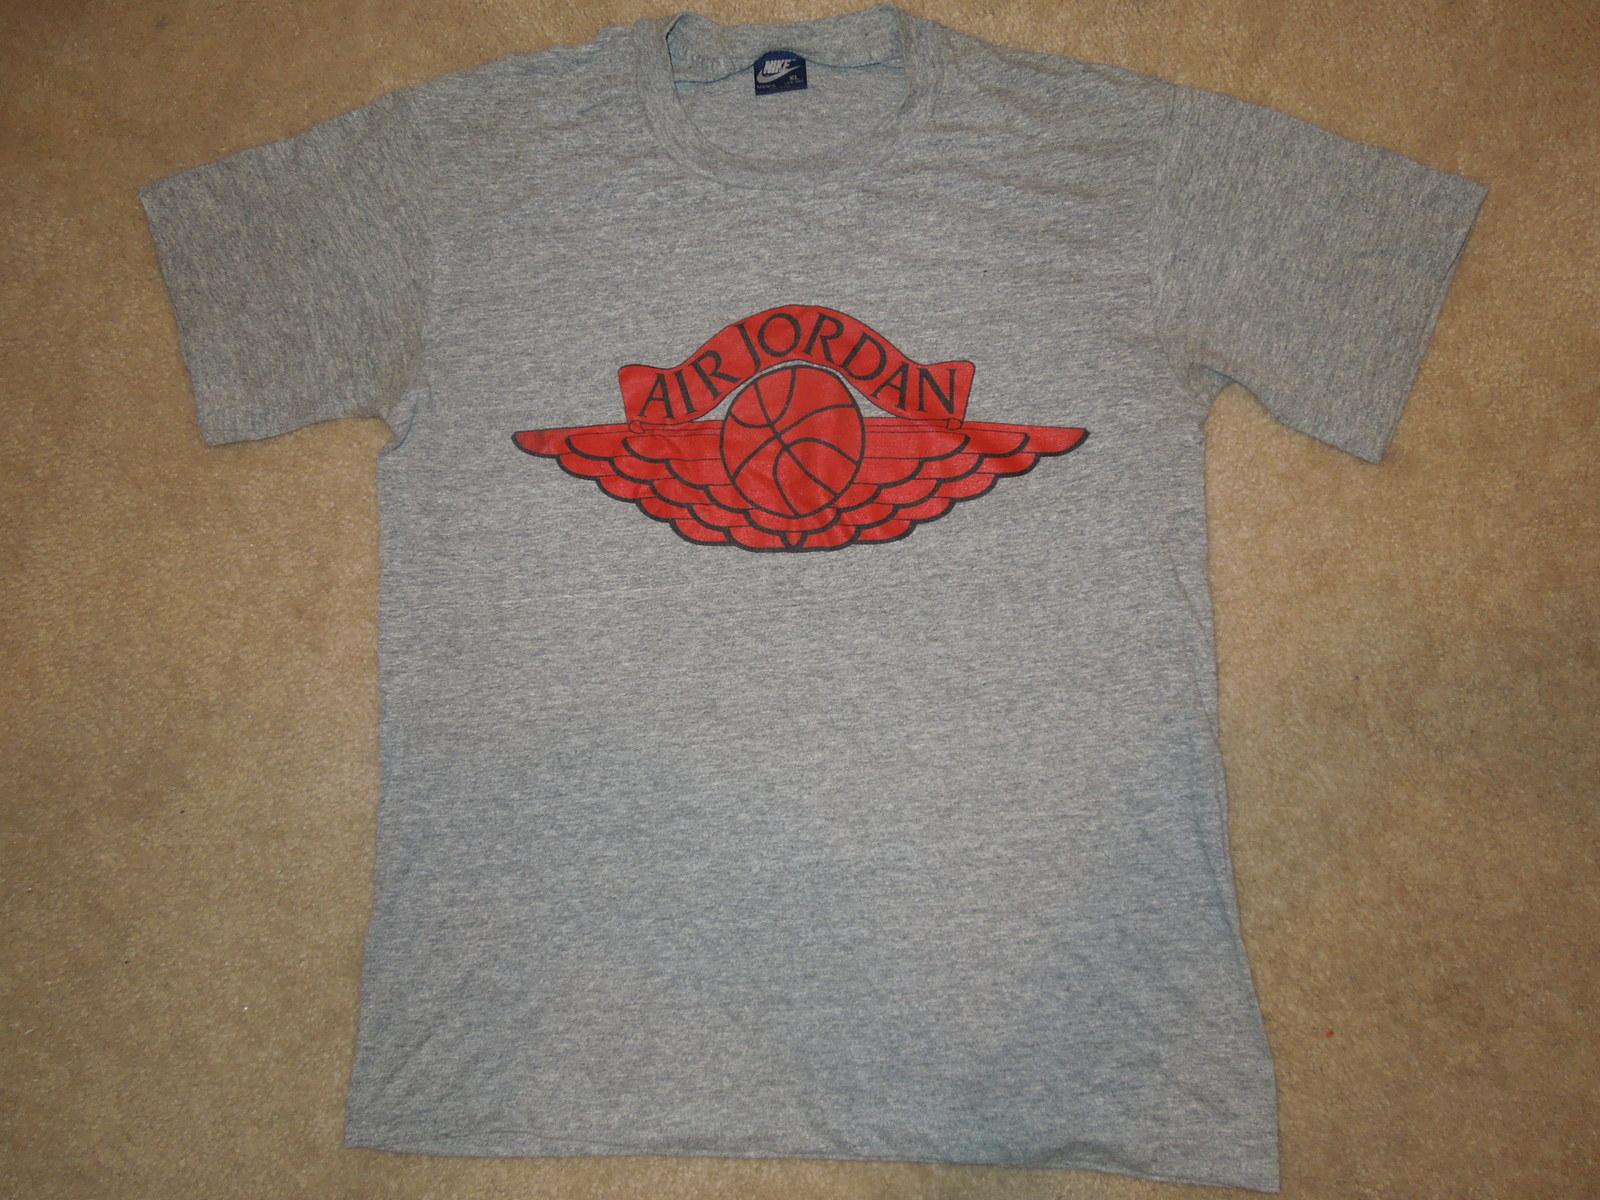 e44c8939fe4a69 Dscn3441. Dscn3441. Previous. Vintage Retro 80 s Blue Tag Air Jordan Nike T- Shirt Size XL. Vintage Retro 80 s ...